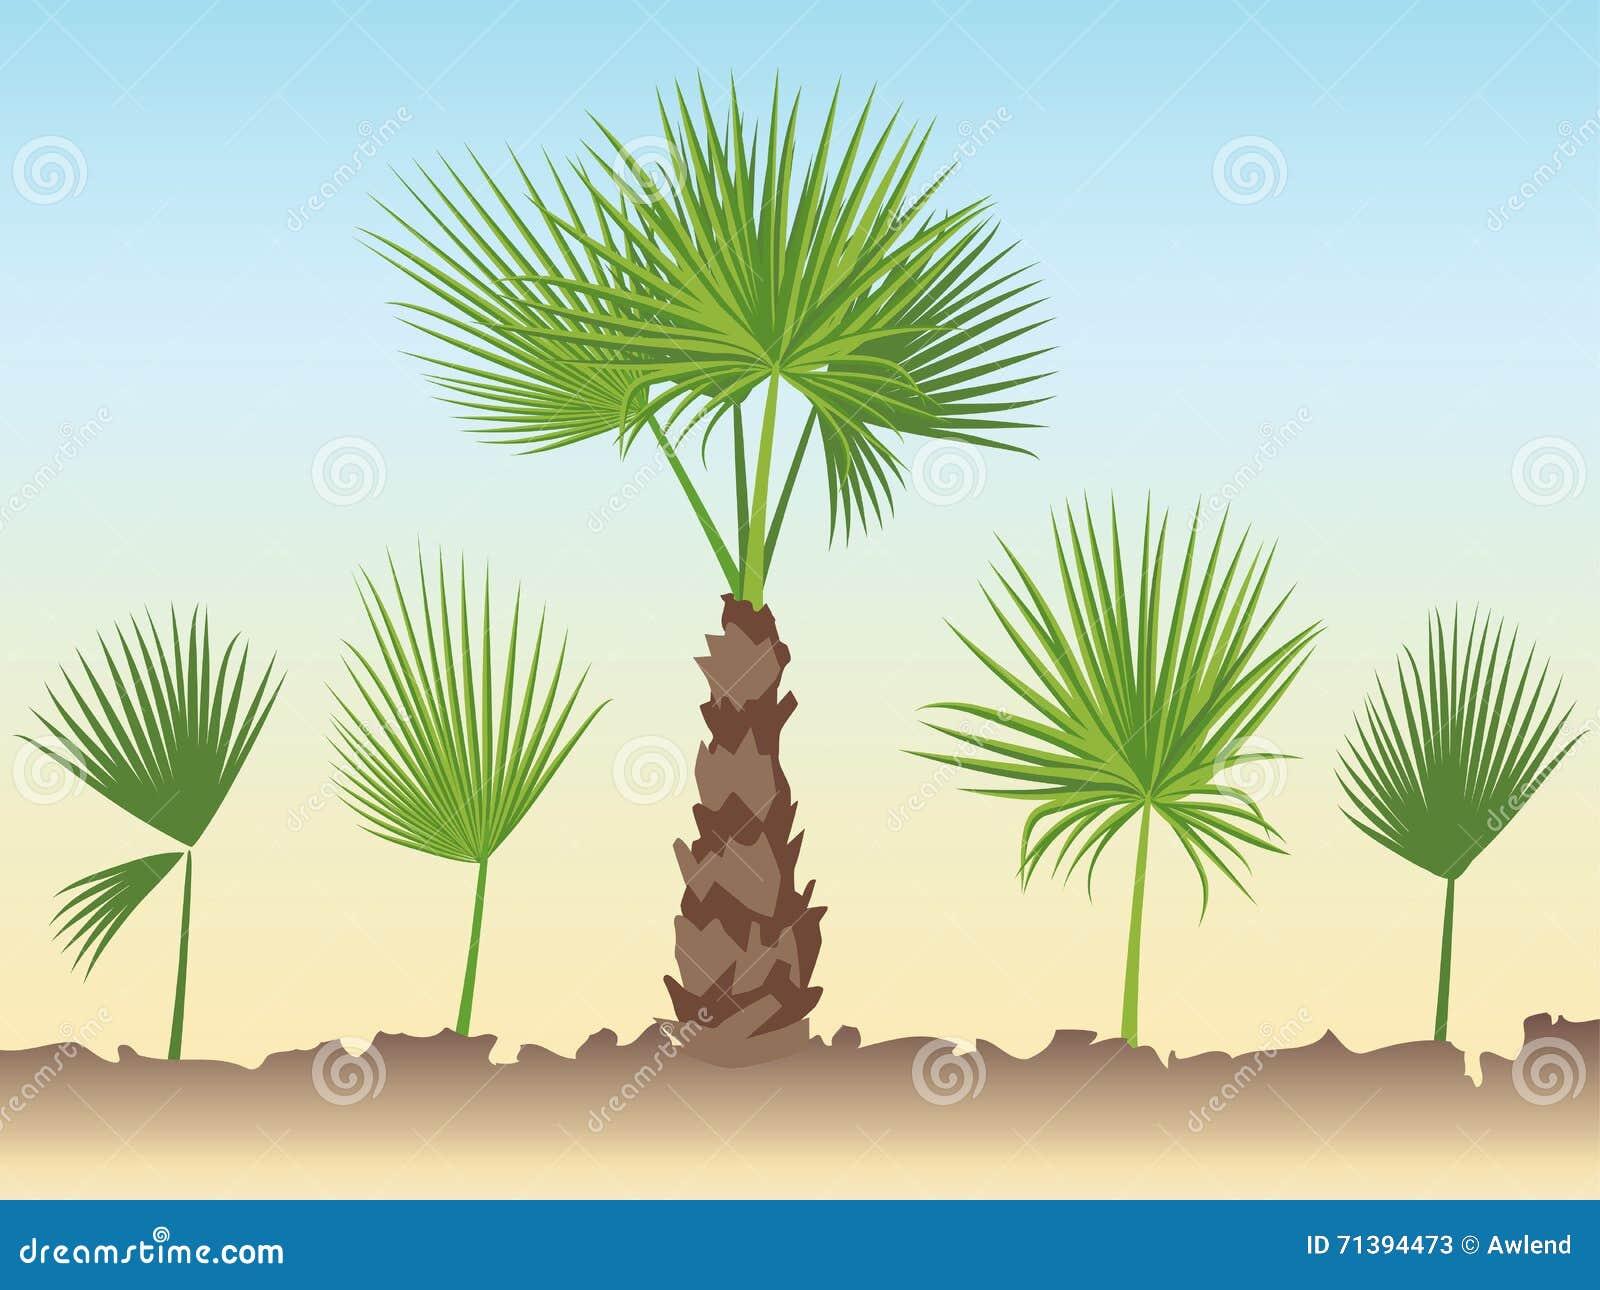 Set Of Fan Palm Round Leaves. Fan Palm Tree Stock Vector ...